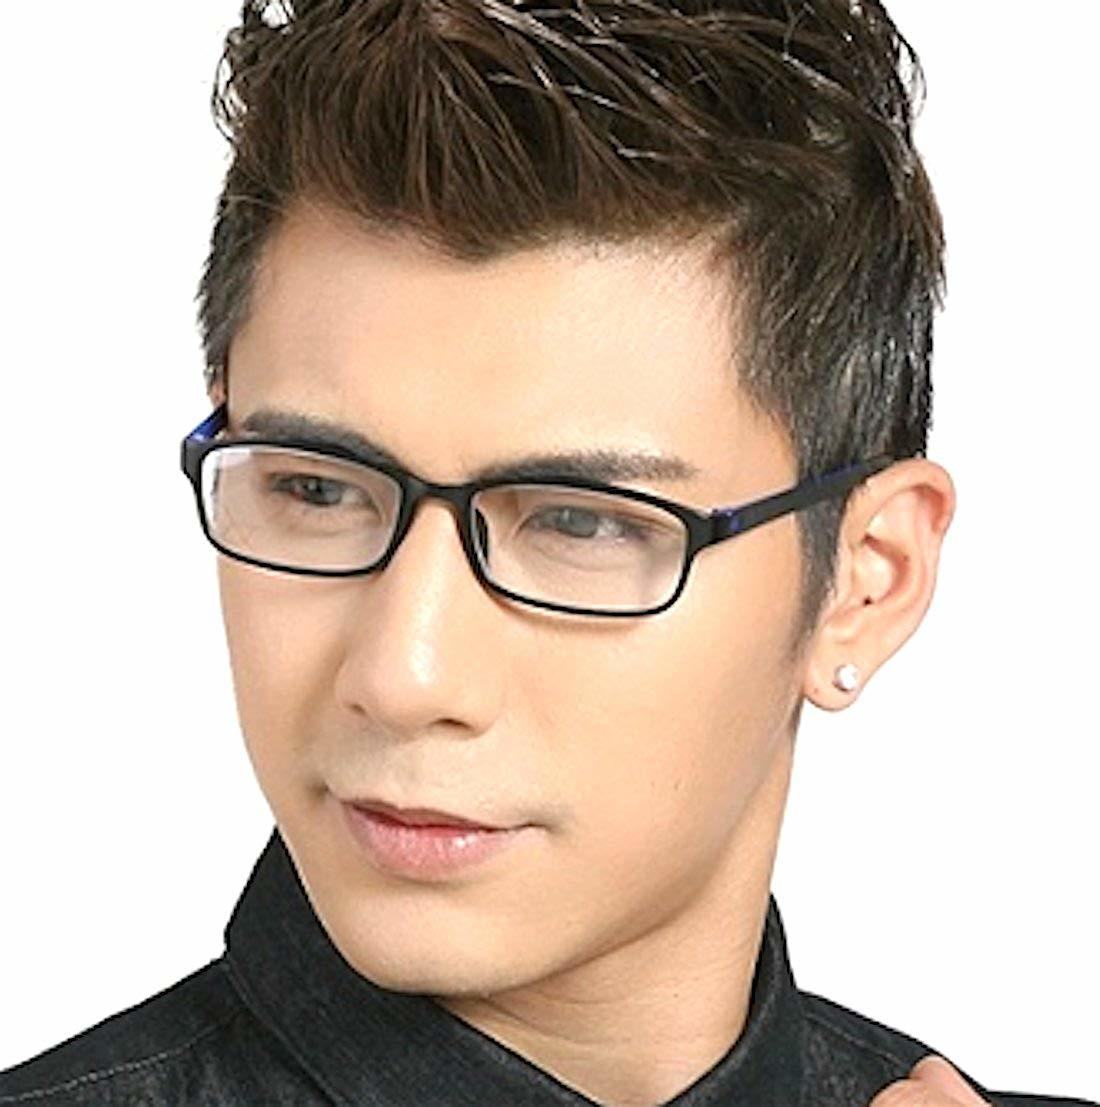 【メガネケース\u0026クロス付】超軽量13g 伊達メガネ ファッション 伊達眼鏡 おしゃれ